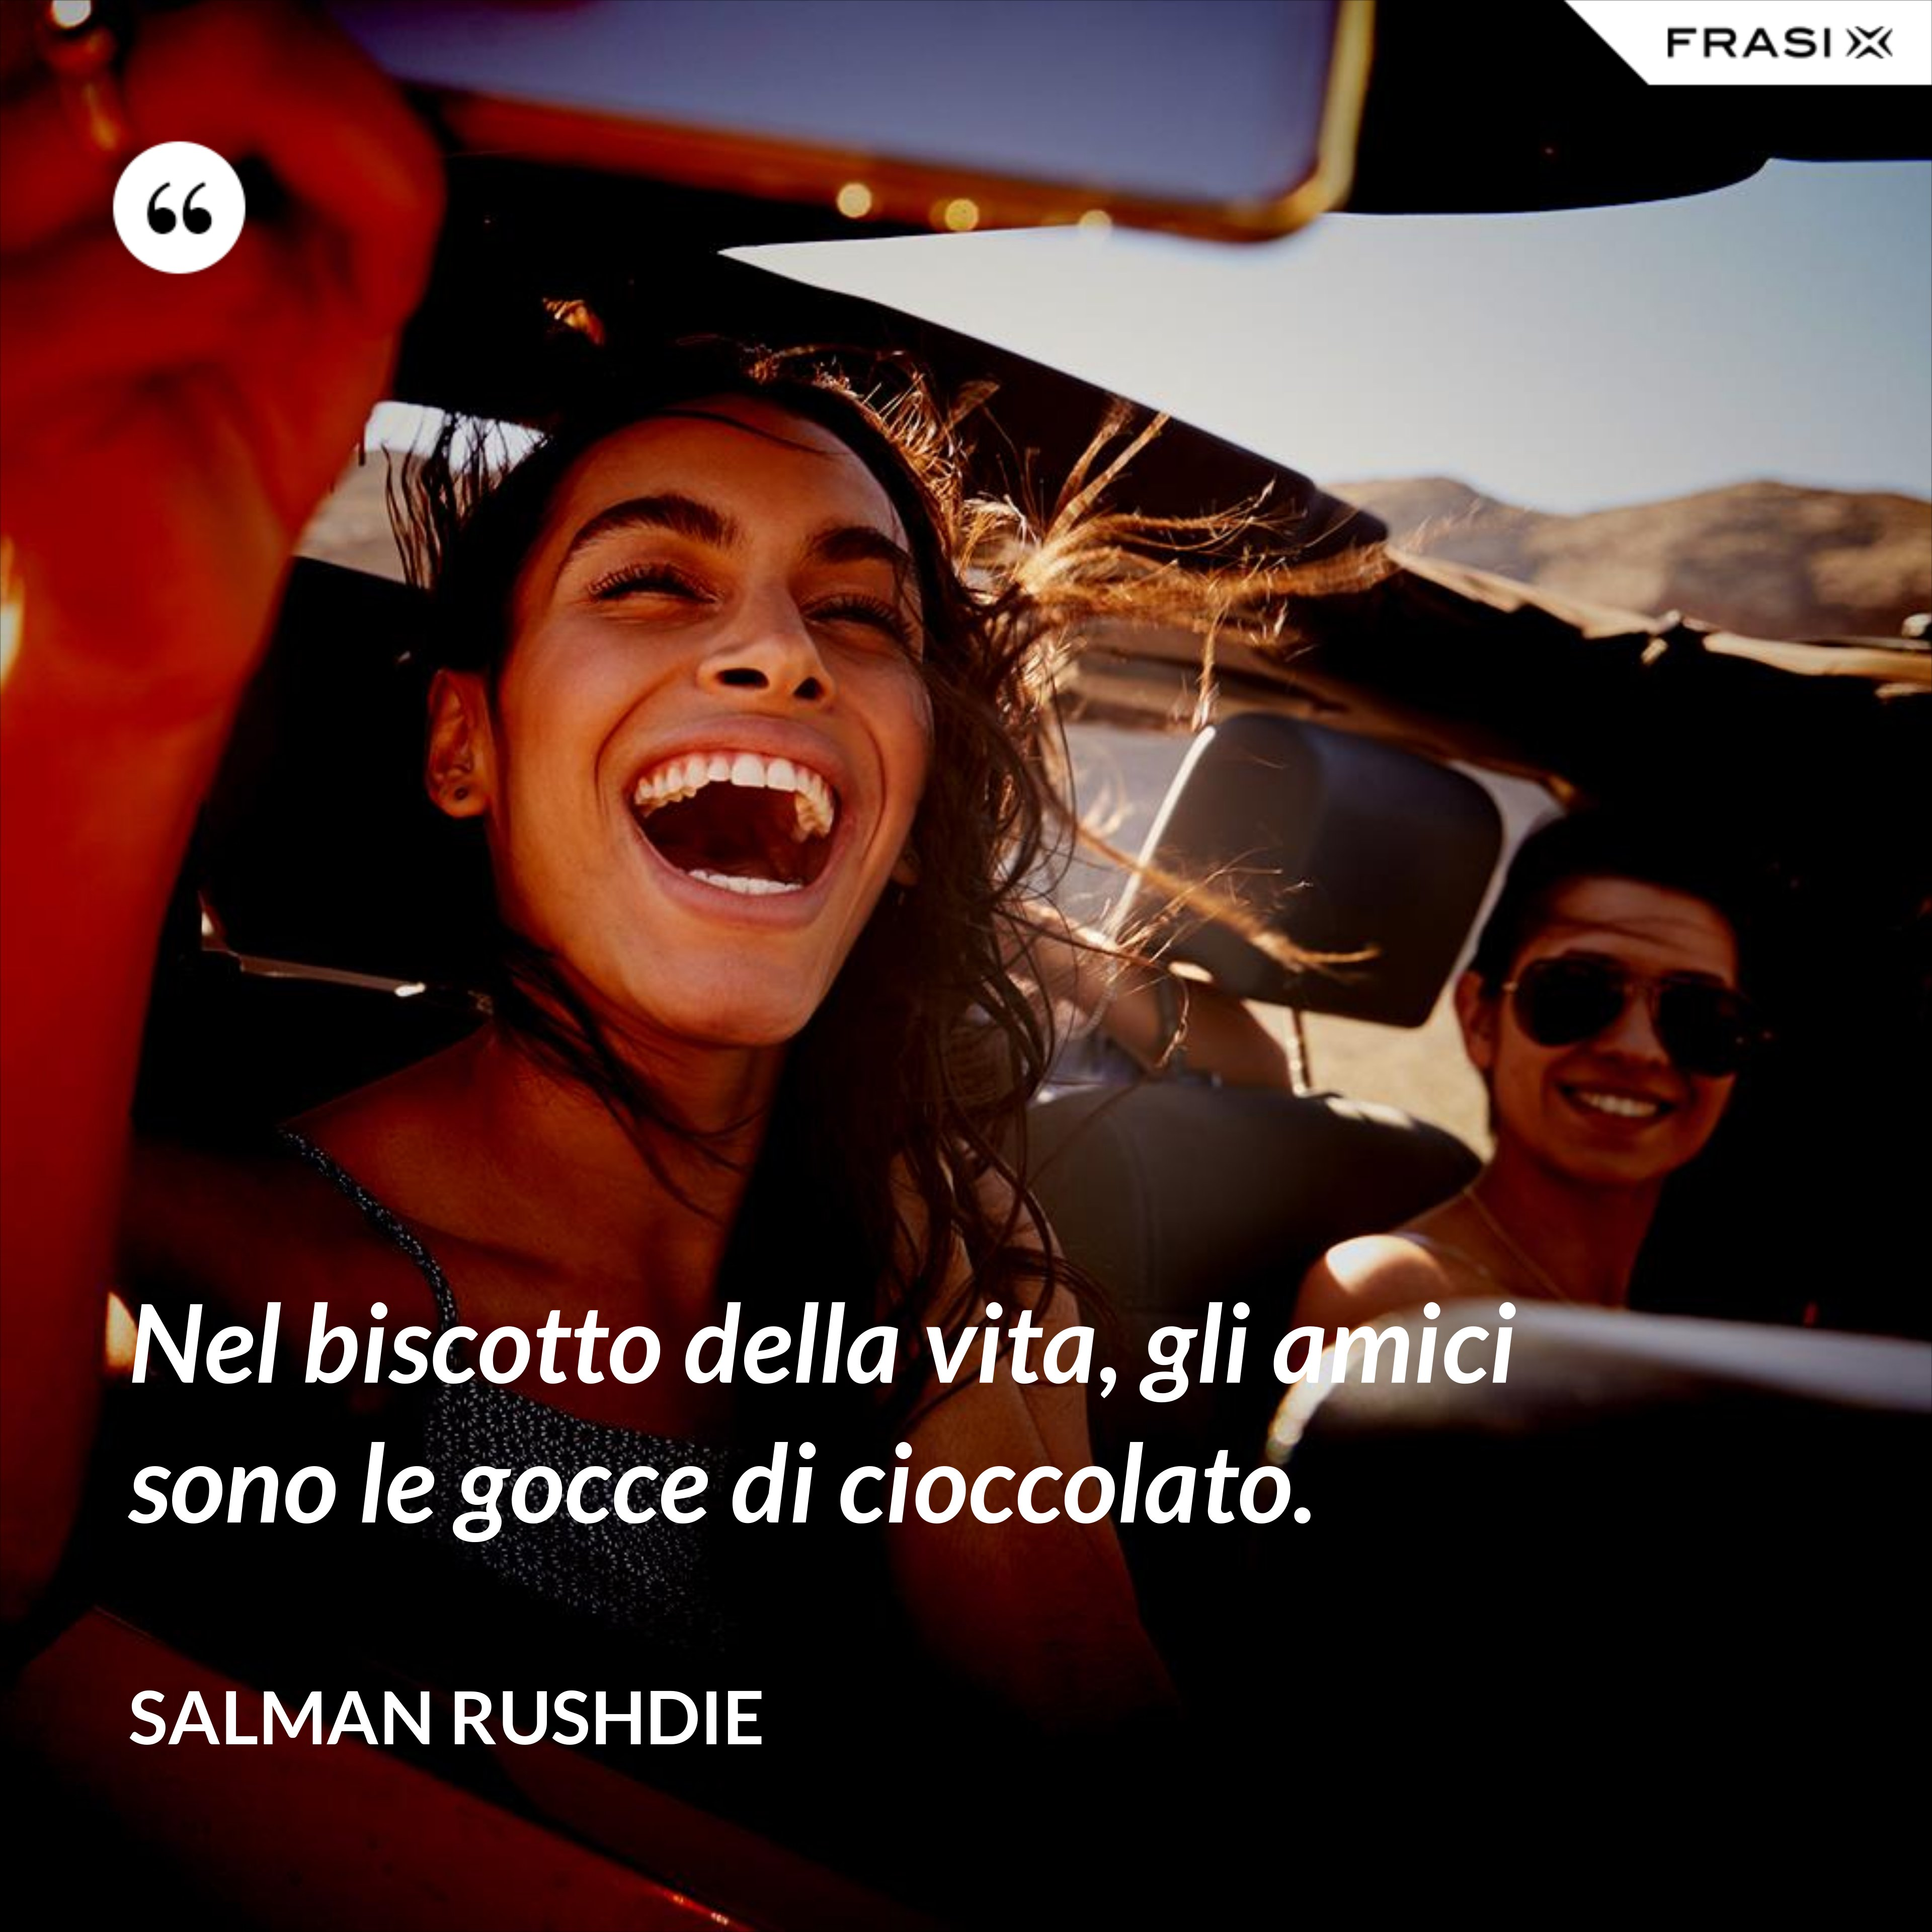 Nel biscotto della vita, gli amici sono le gocce di cioccolato. - Salman Rushdie